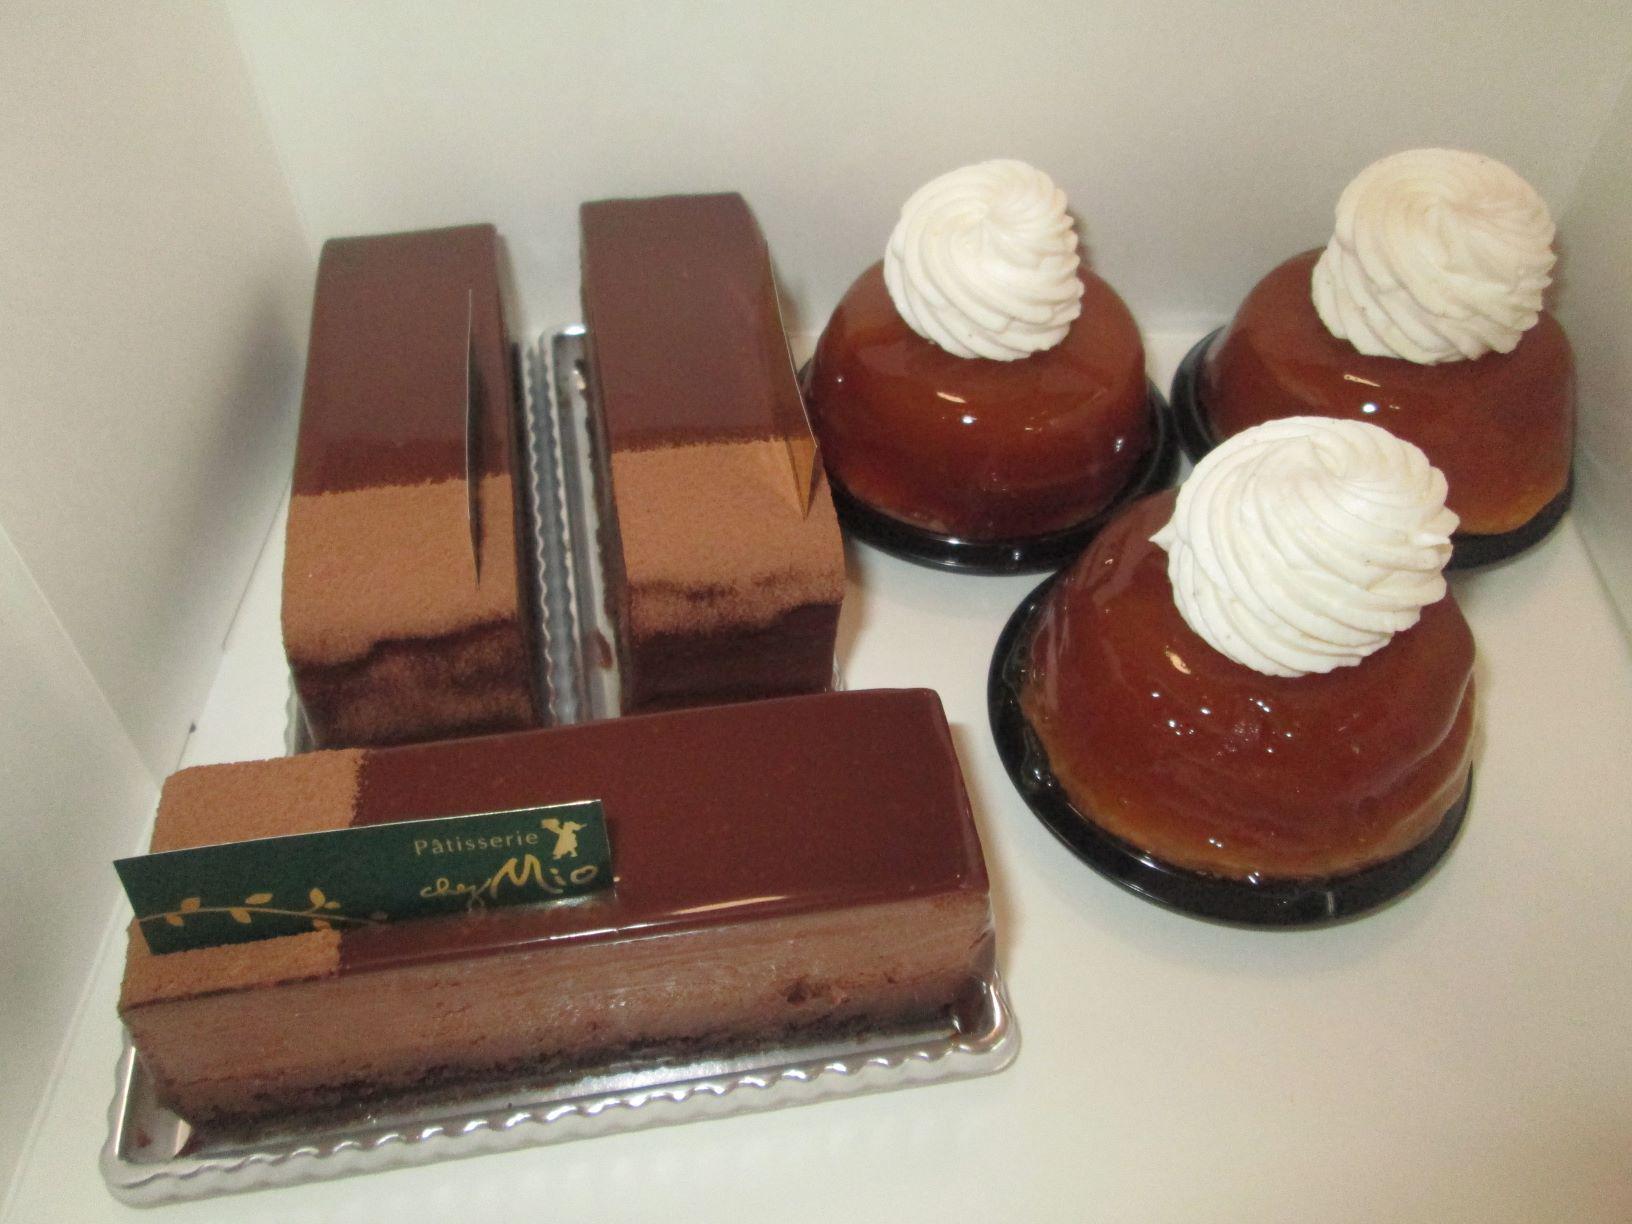 洋菓子の工房「シェ・ミオ」成沢本店さんのケーキを食べました。感想を…(^^♪